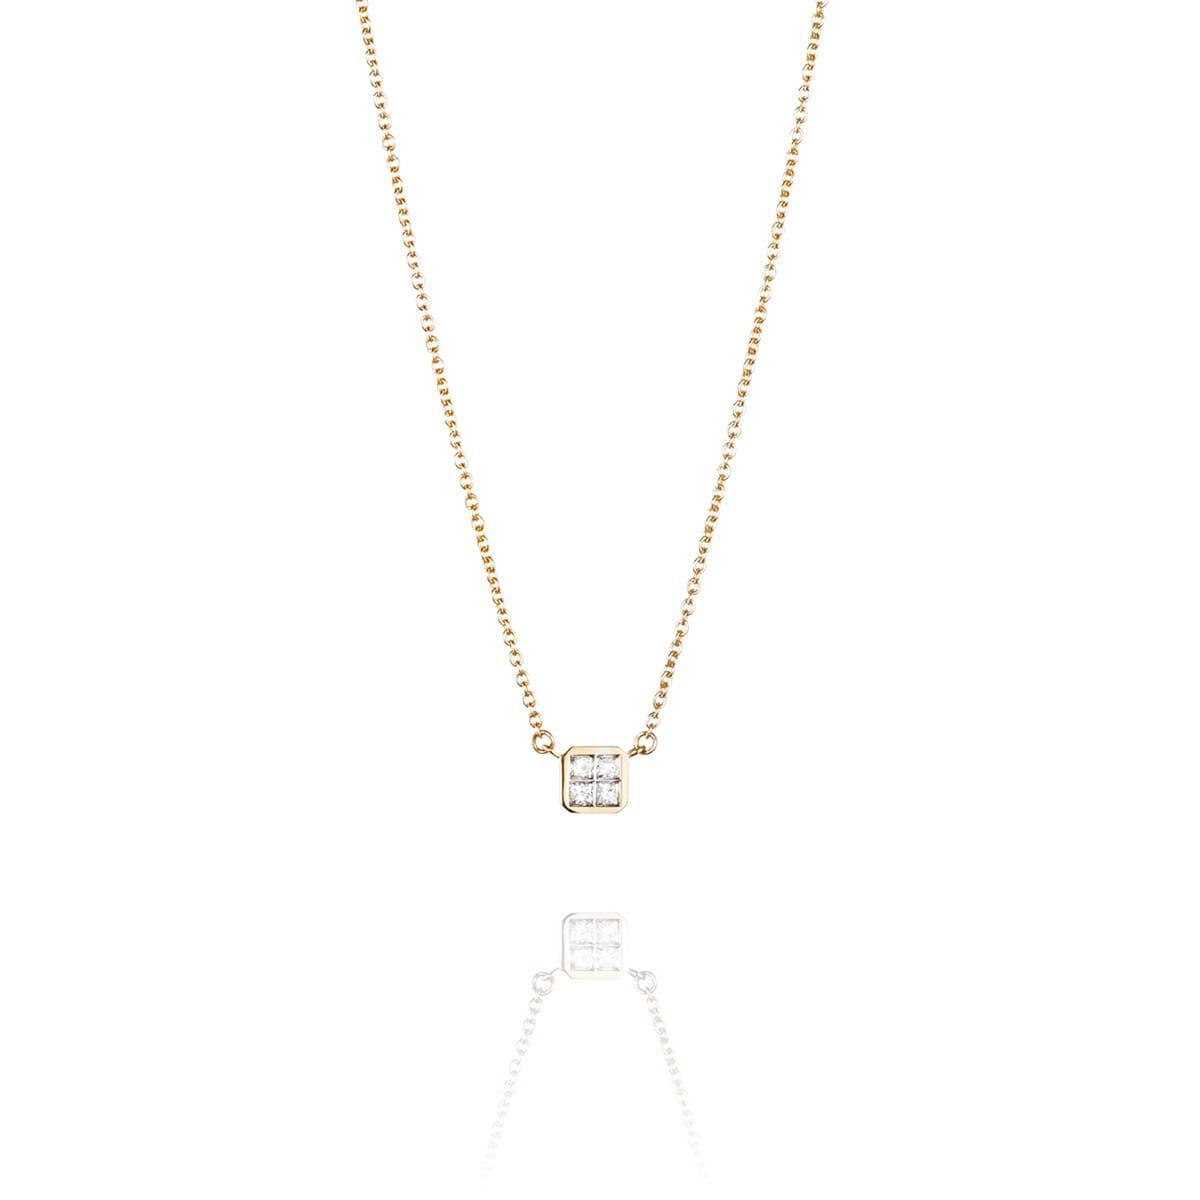 Efva_Attling_4_love_necklace_10-101-01551(2)_hos_Jarl_Sandin